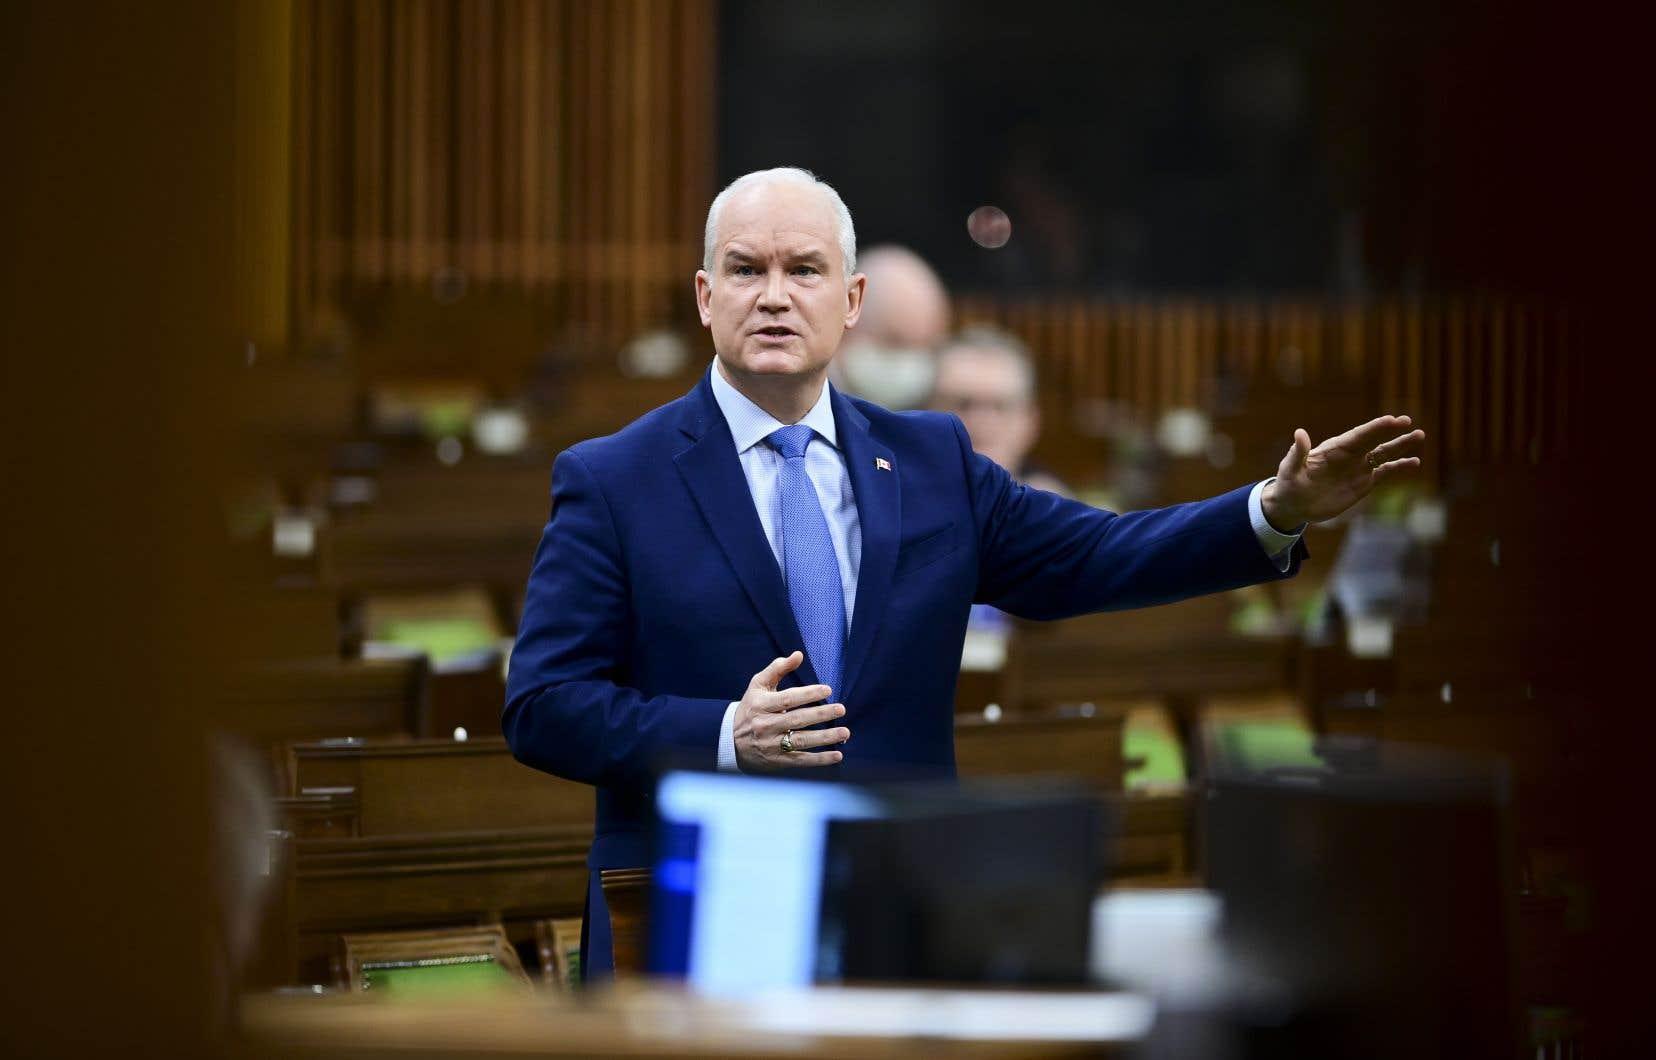 Le caucus conservateur compte 50 élus pro-vie parmi ses 120 députés — soit 40% de l'équipe.